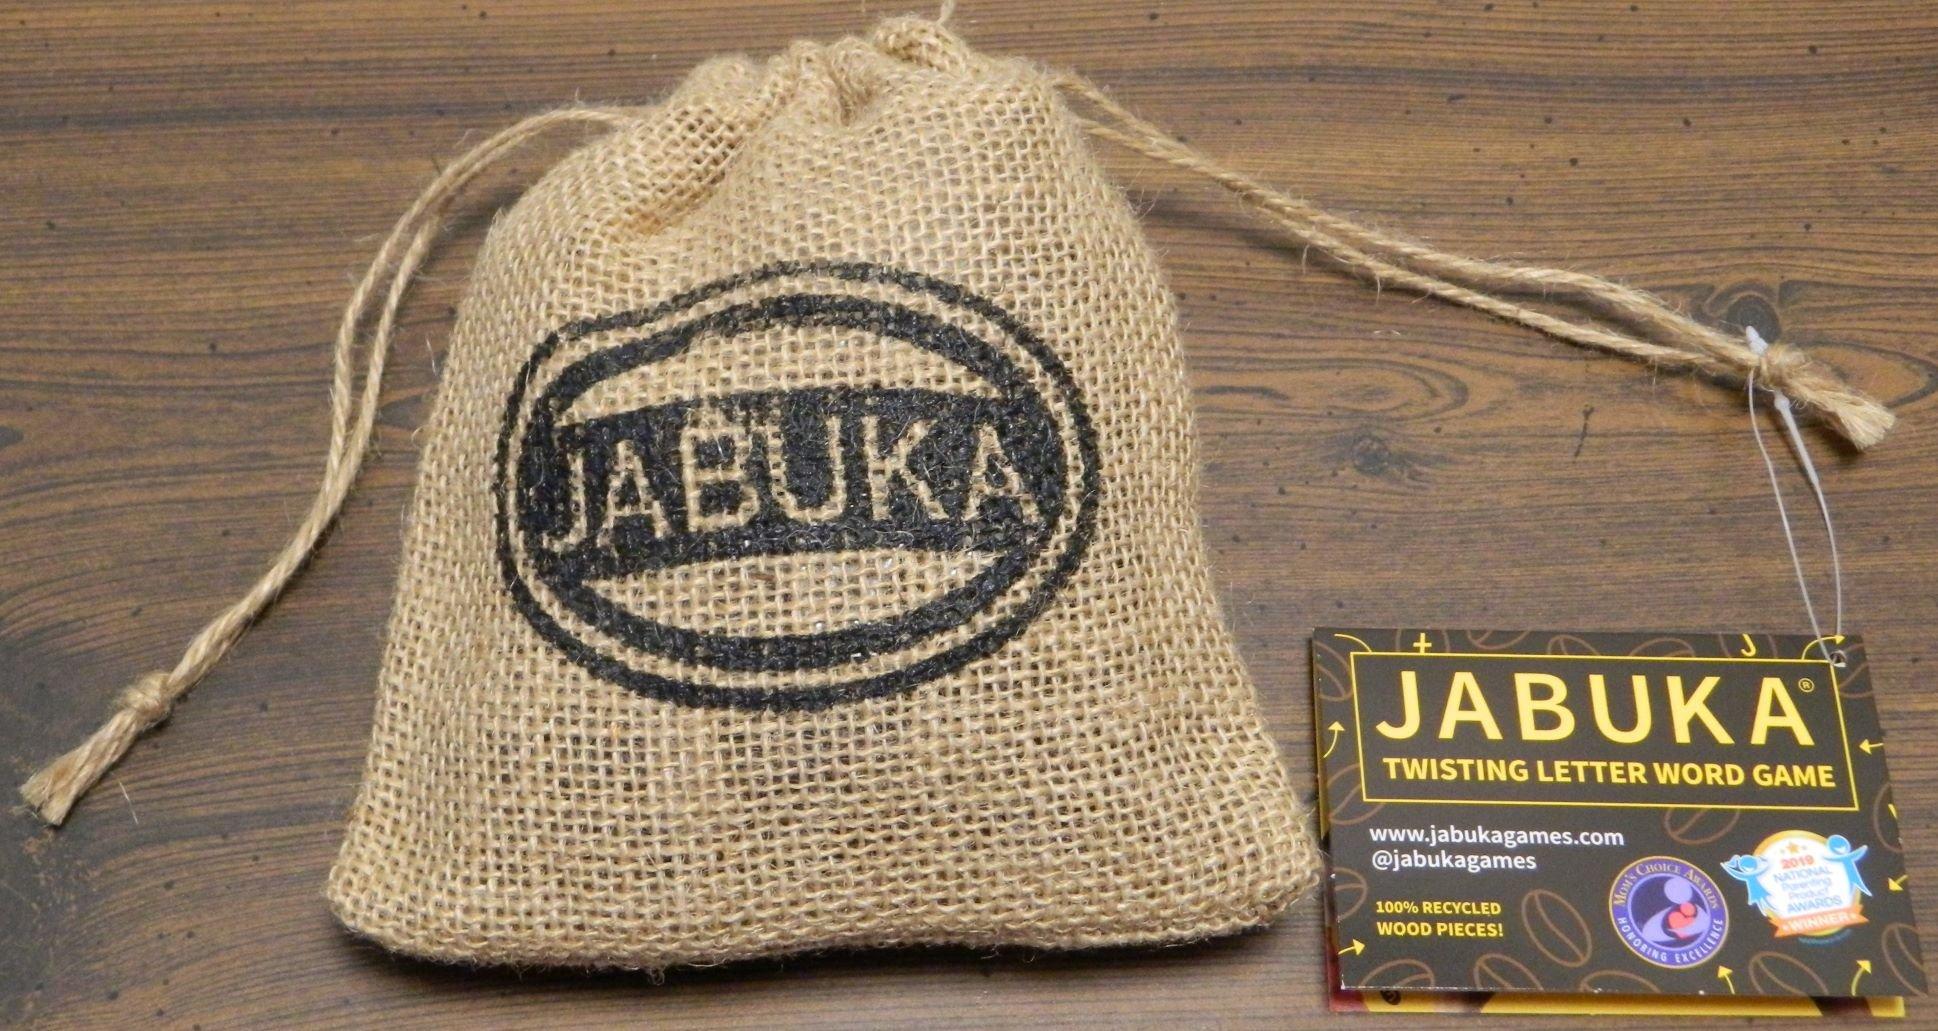 Bag for Jabuka